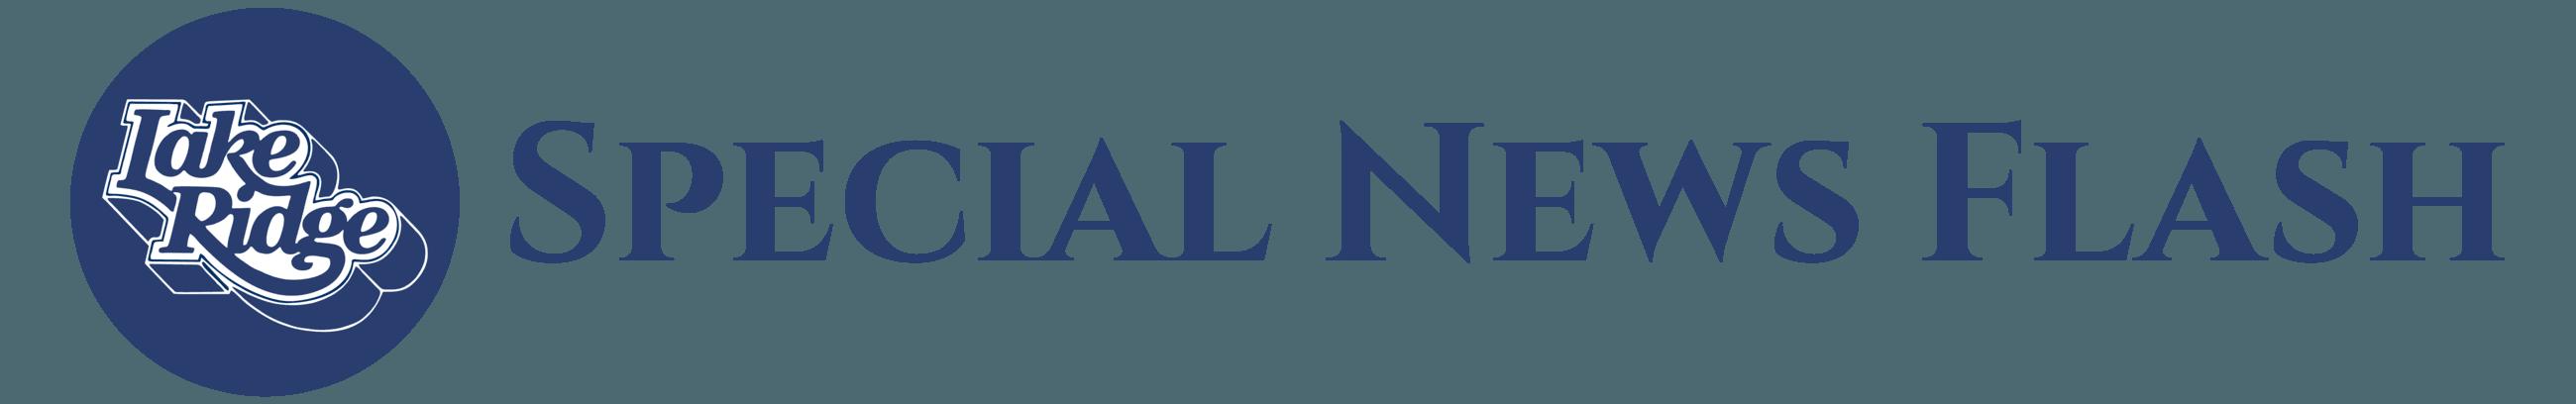 Special News Flash Header